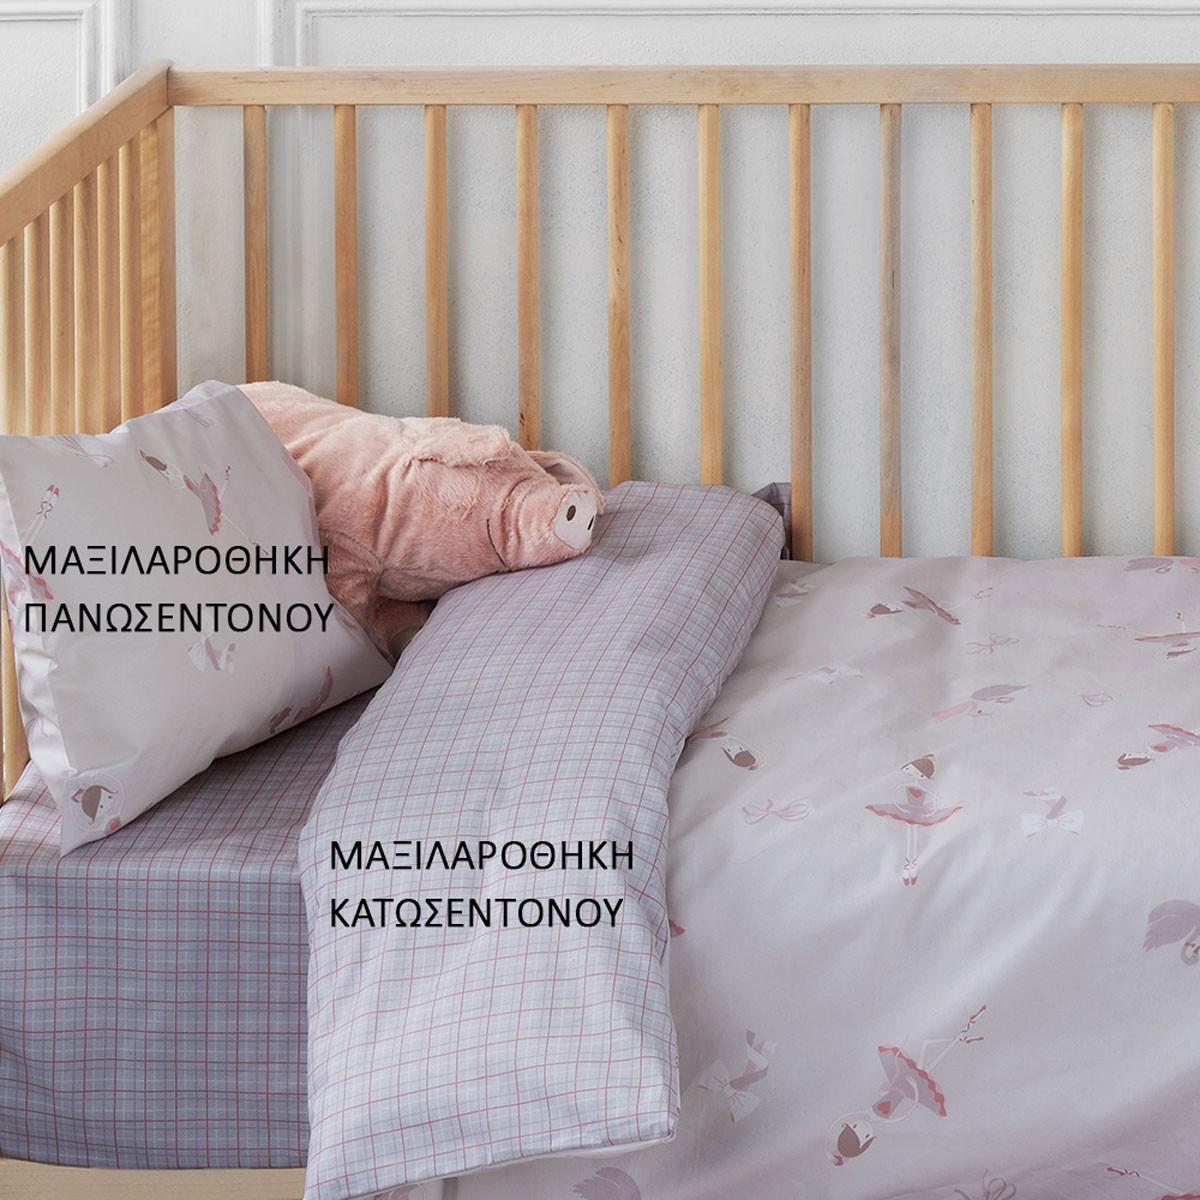 Μαξιλαροθήκη Kentia Kids Collection Tutu Μαξιλαροθήκη Κατωσέντονου Μαξιλαροθήκη Κατωσέντονου